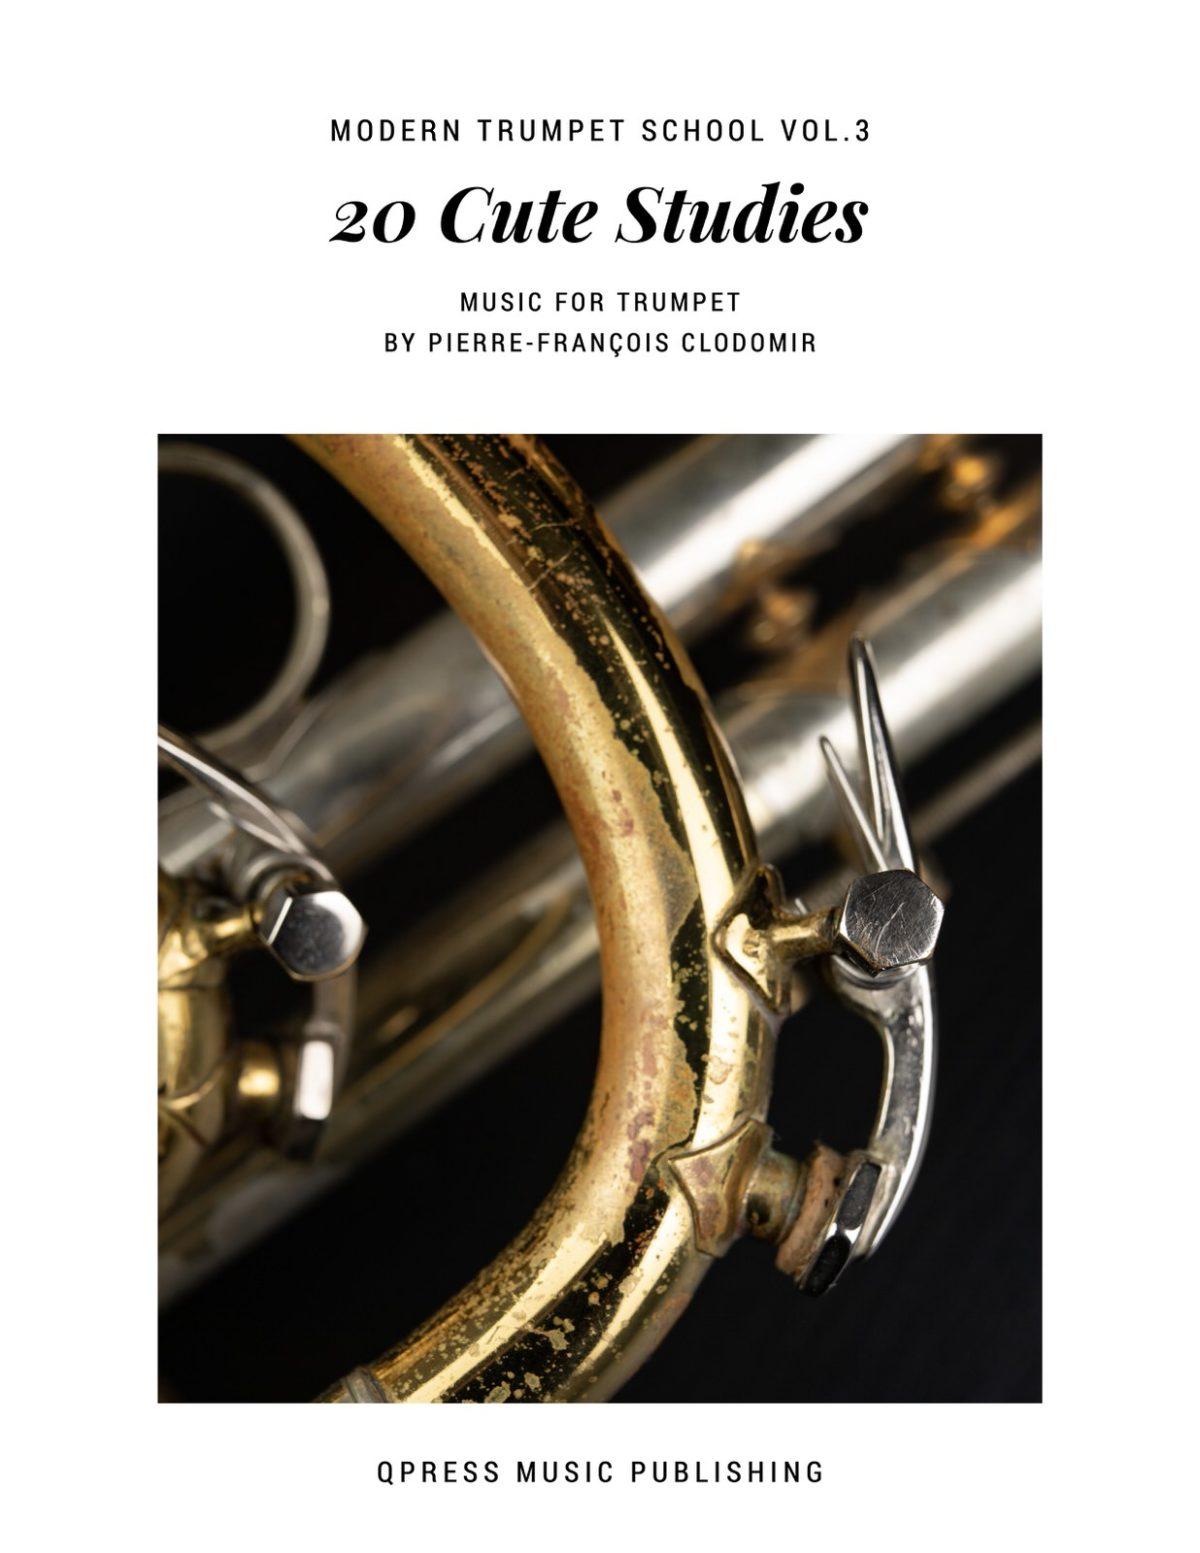 Clodomir, Modern Trumpet School 3, 20 Cute Studies-p01